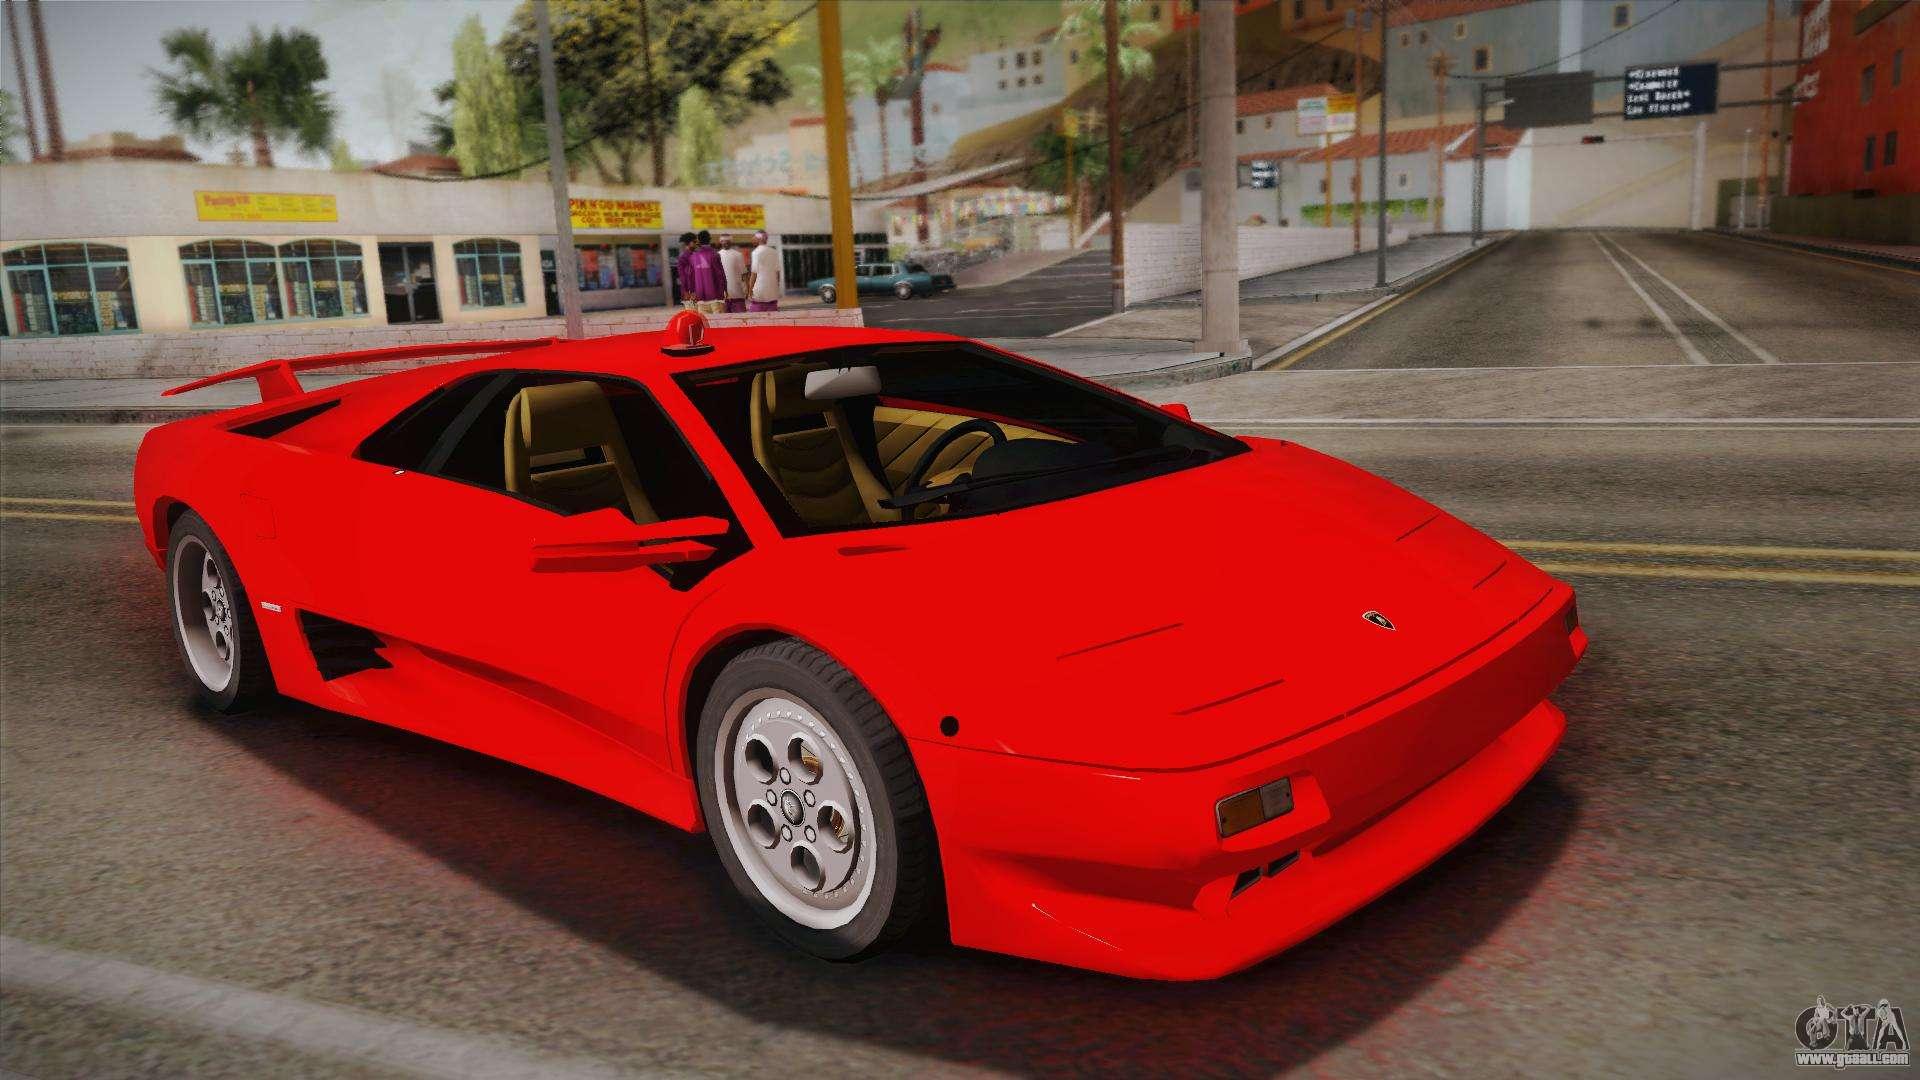 Lamborghini Diablo for GTA San Andreas on ducati diablo, honda diablo, maserati diablo, chrysler diablo, isuzu diablo, murcielago diablo, bugatti diablo, gmc diablo, ferrari diablo, orange diablo, blue diablo, cadillac diablo, strosek diablo, toyota diablo, el diablo,